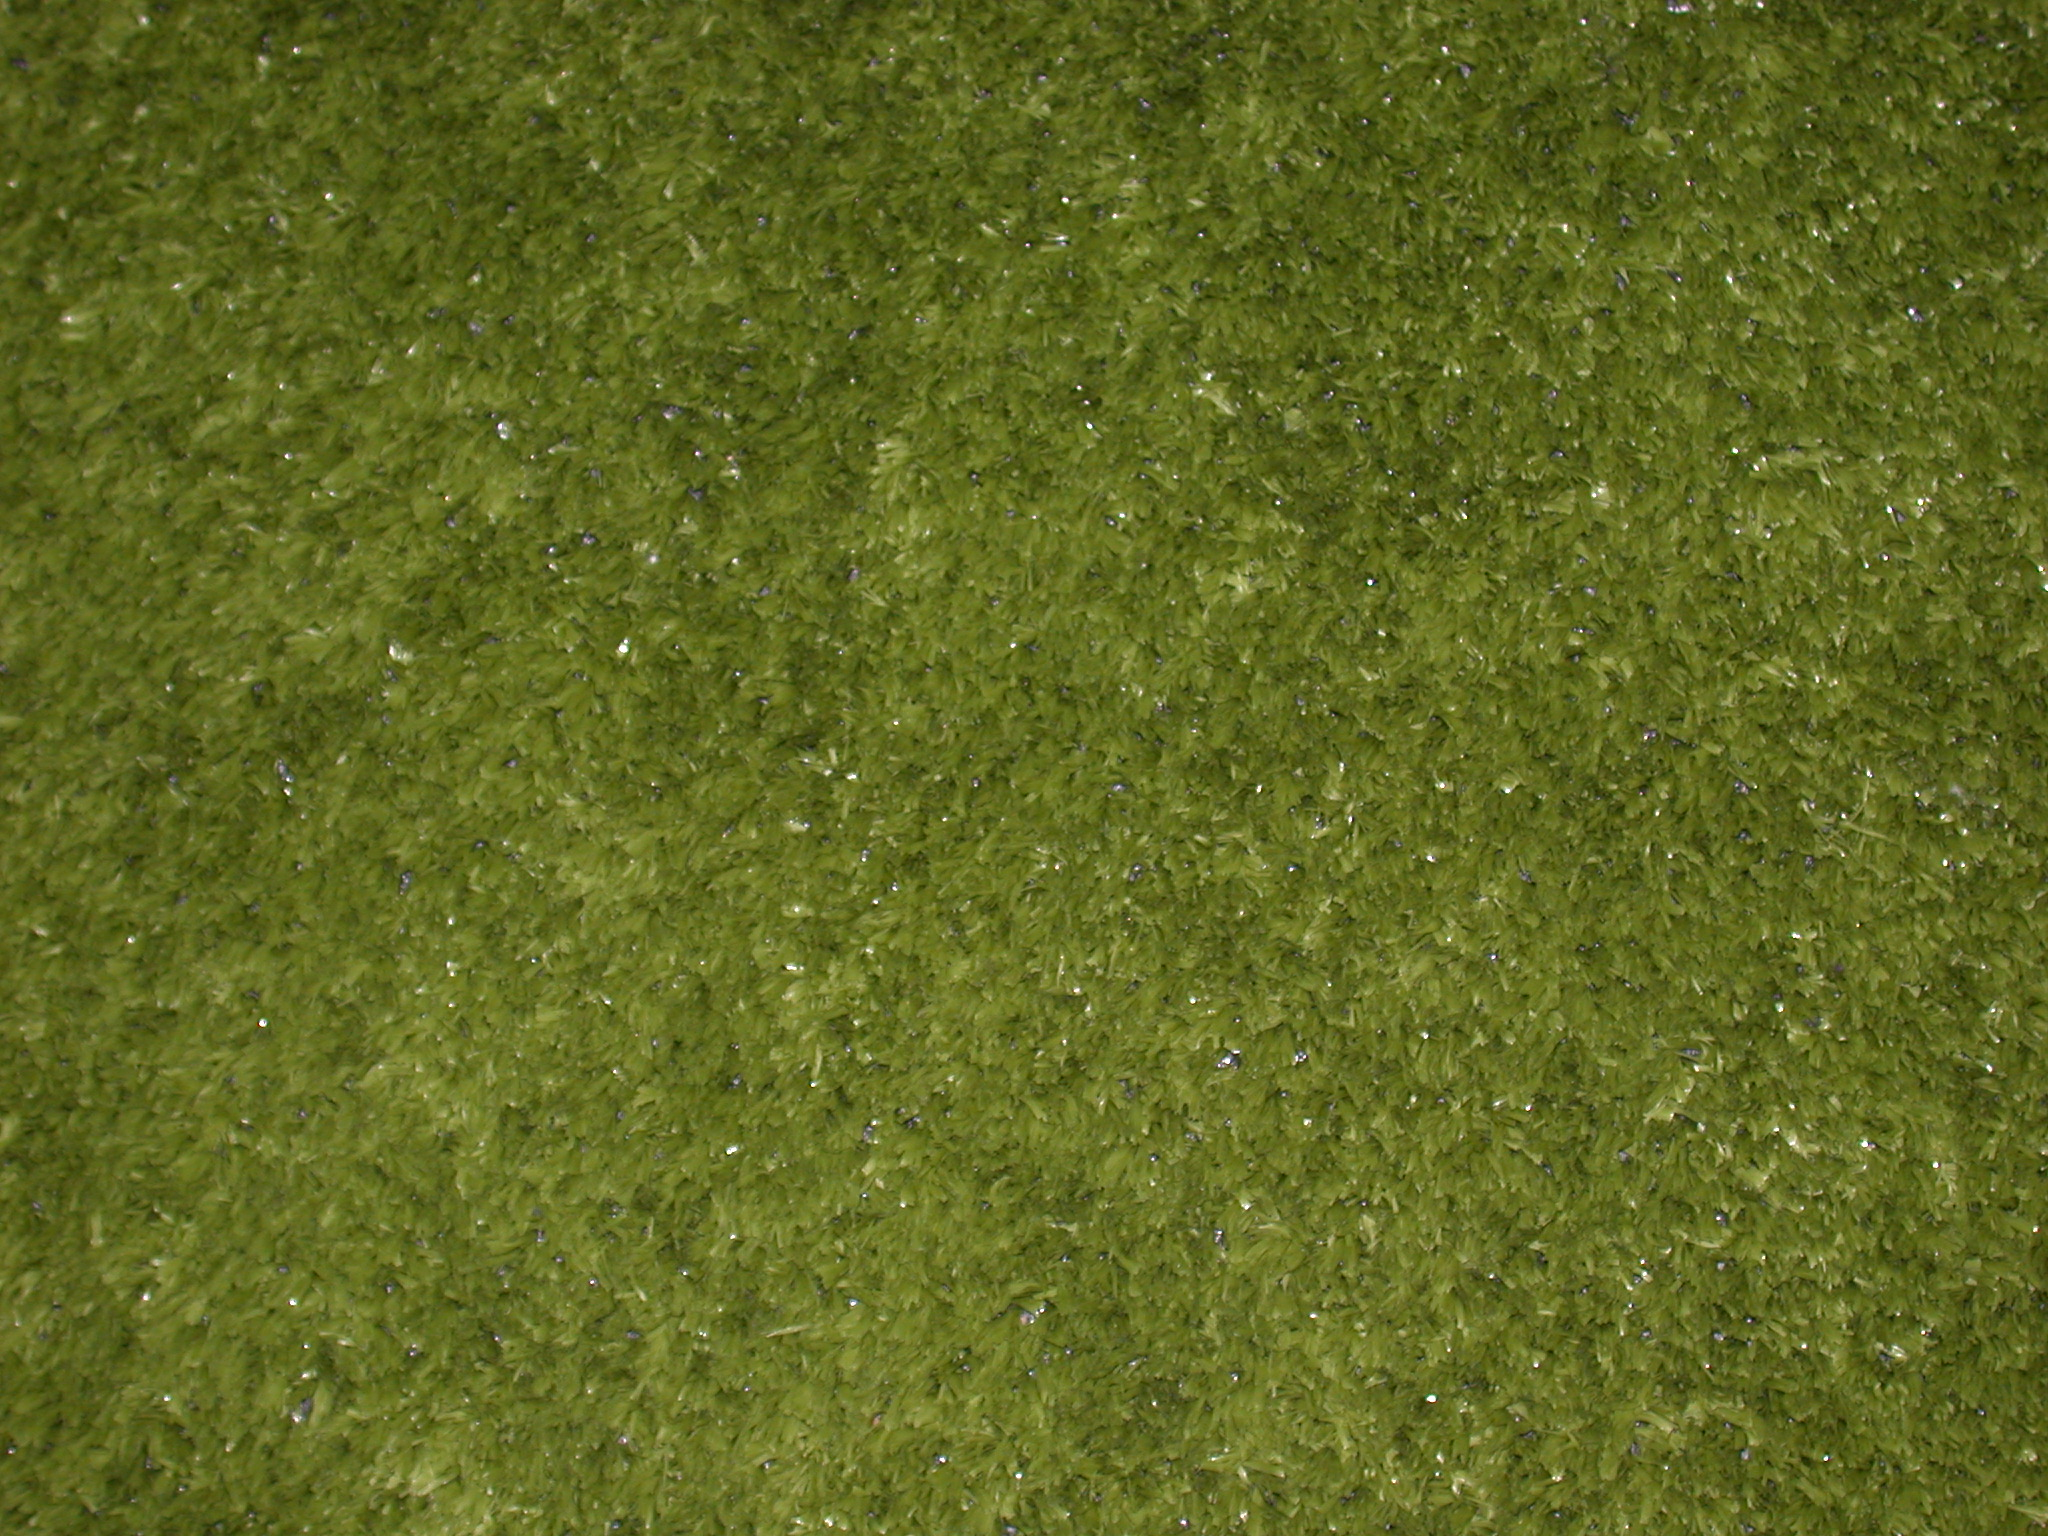 Grass texture pack - Texture - ShareCG